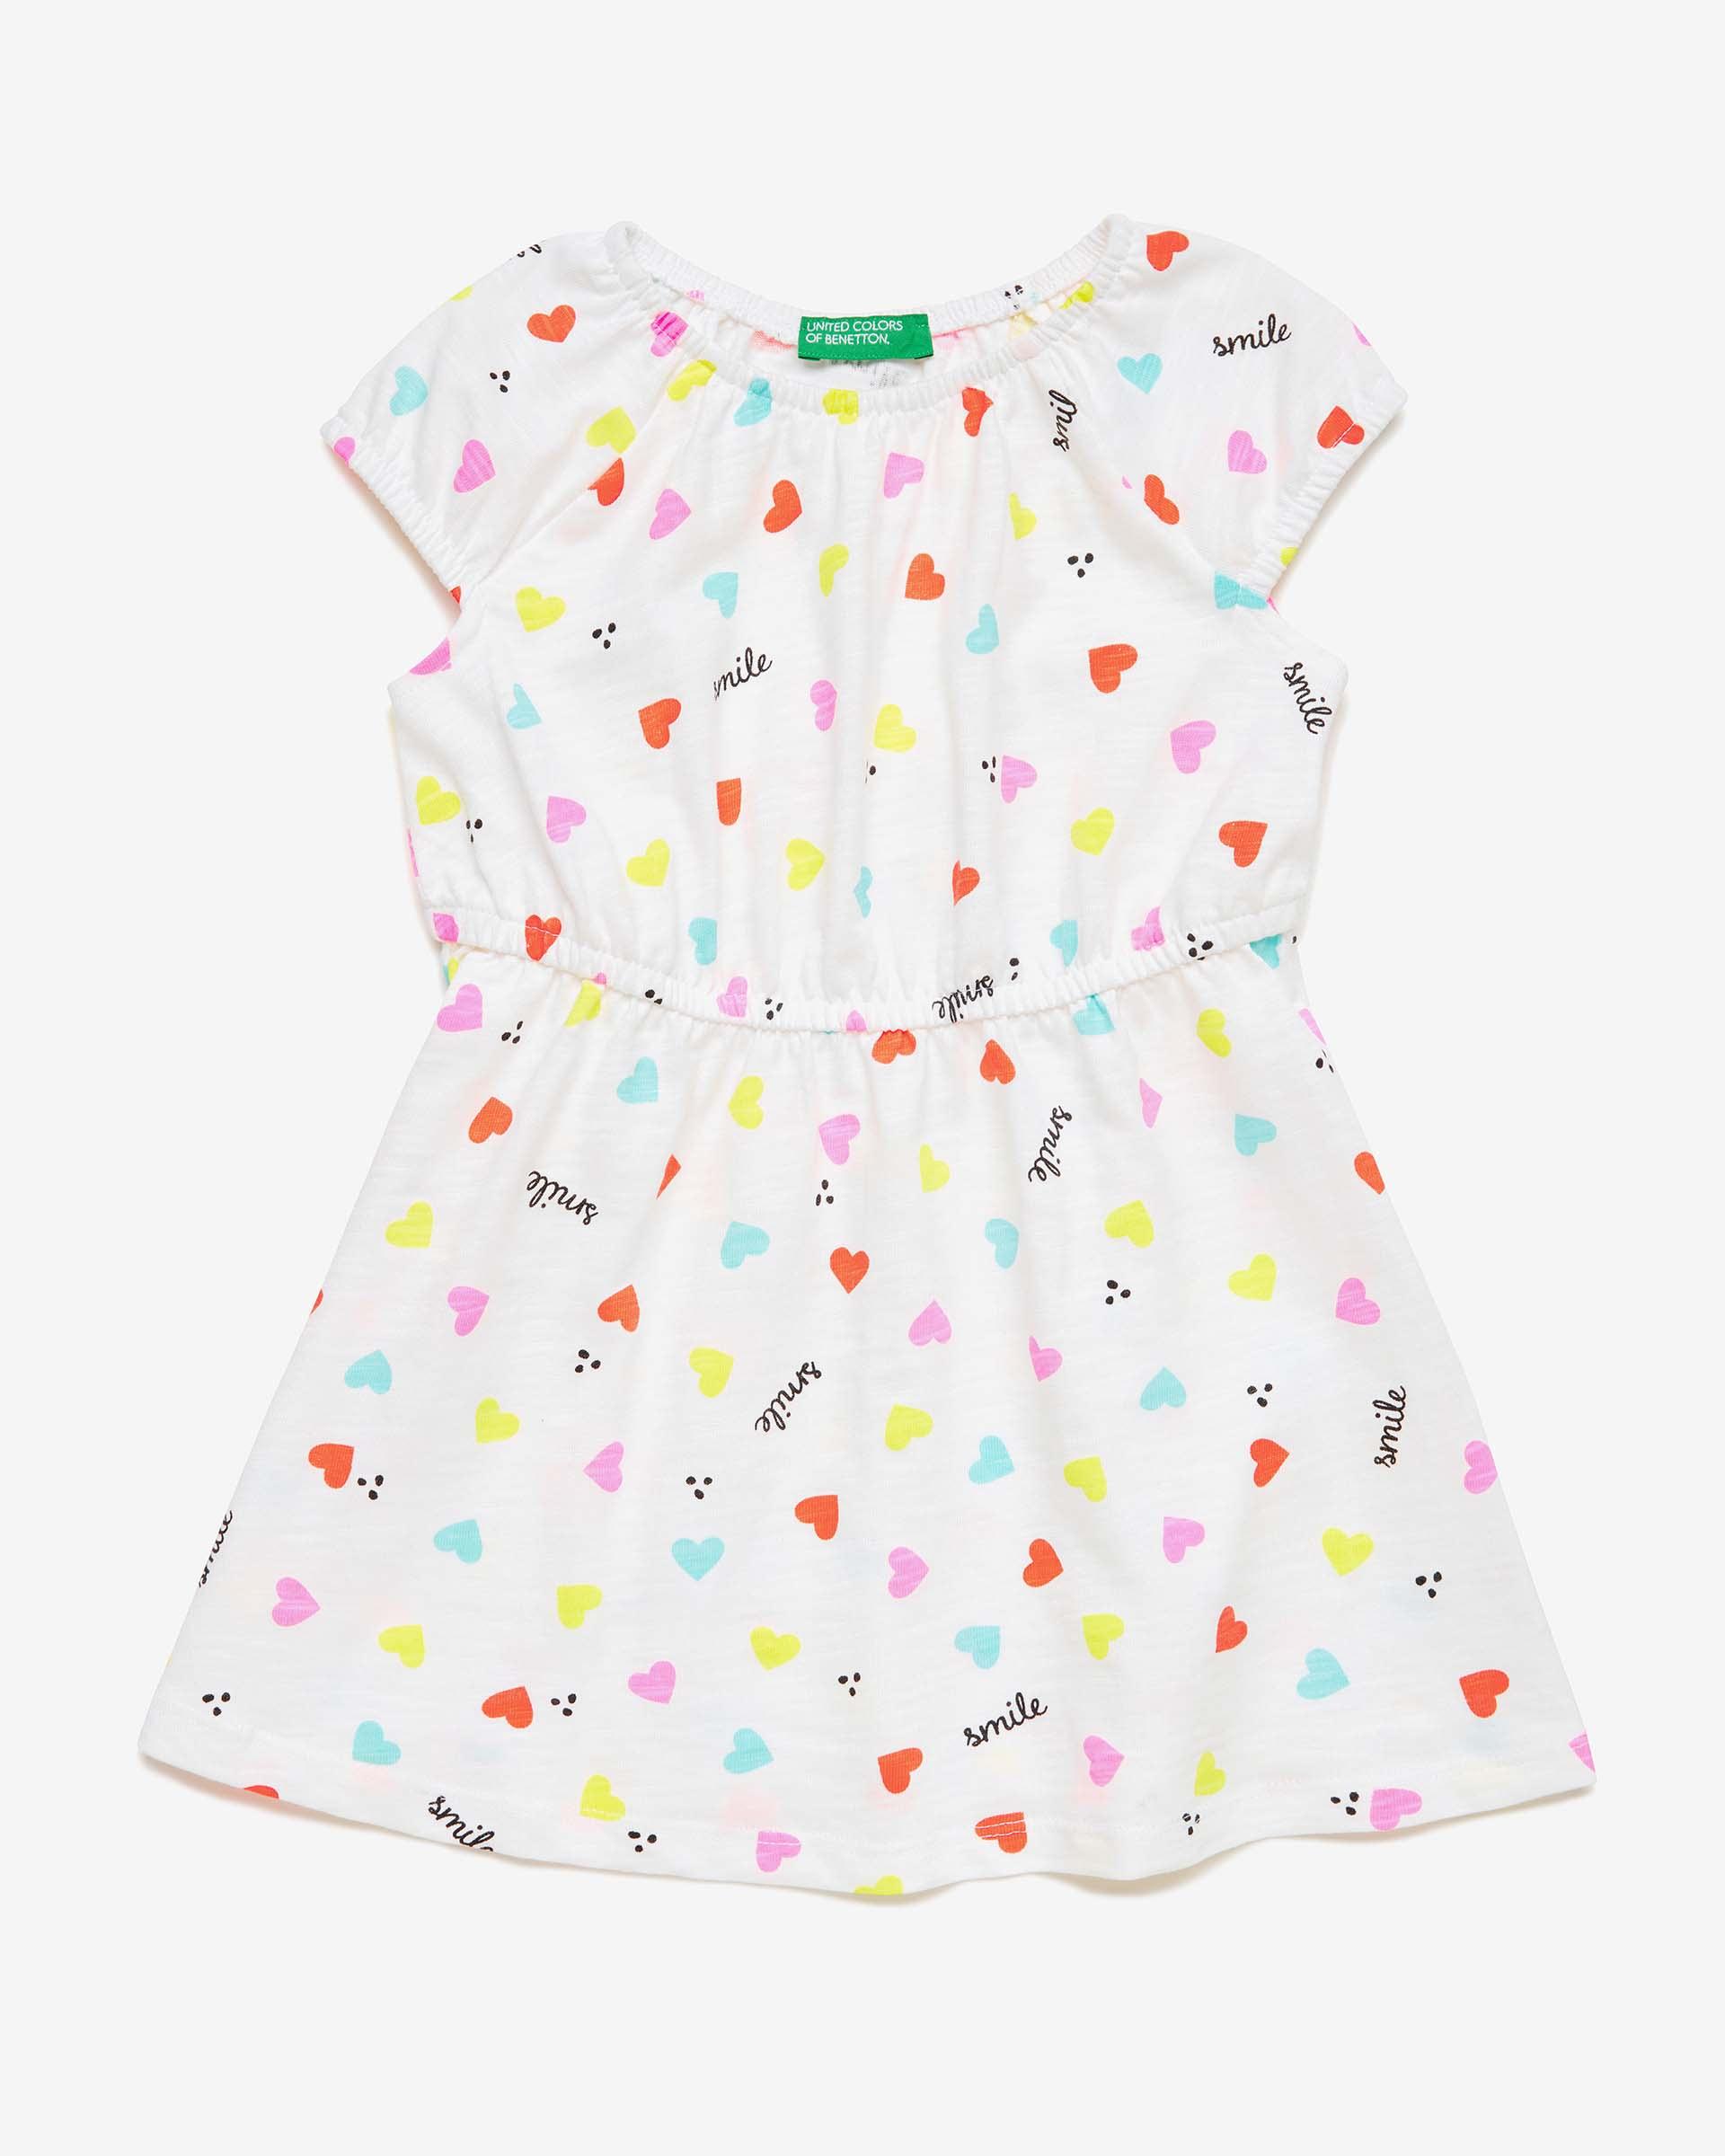 Купить 20P_3PL0F1A6P_65Y, Платье для девочек Benetton 3PL0F1A6P_65Y р-р 80, United Colors of Benetton, Платья для новорожденных